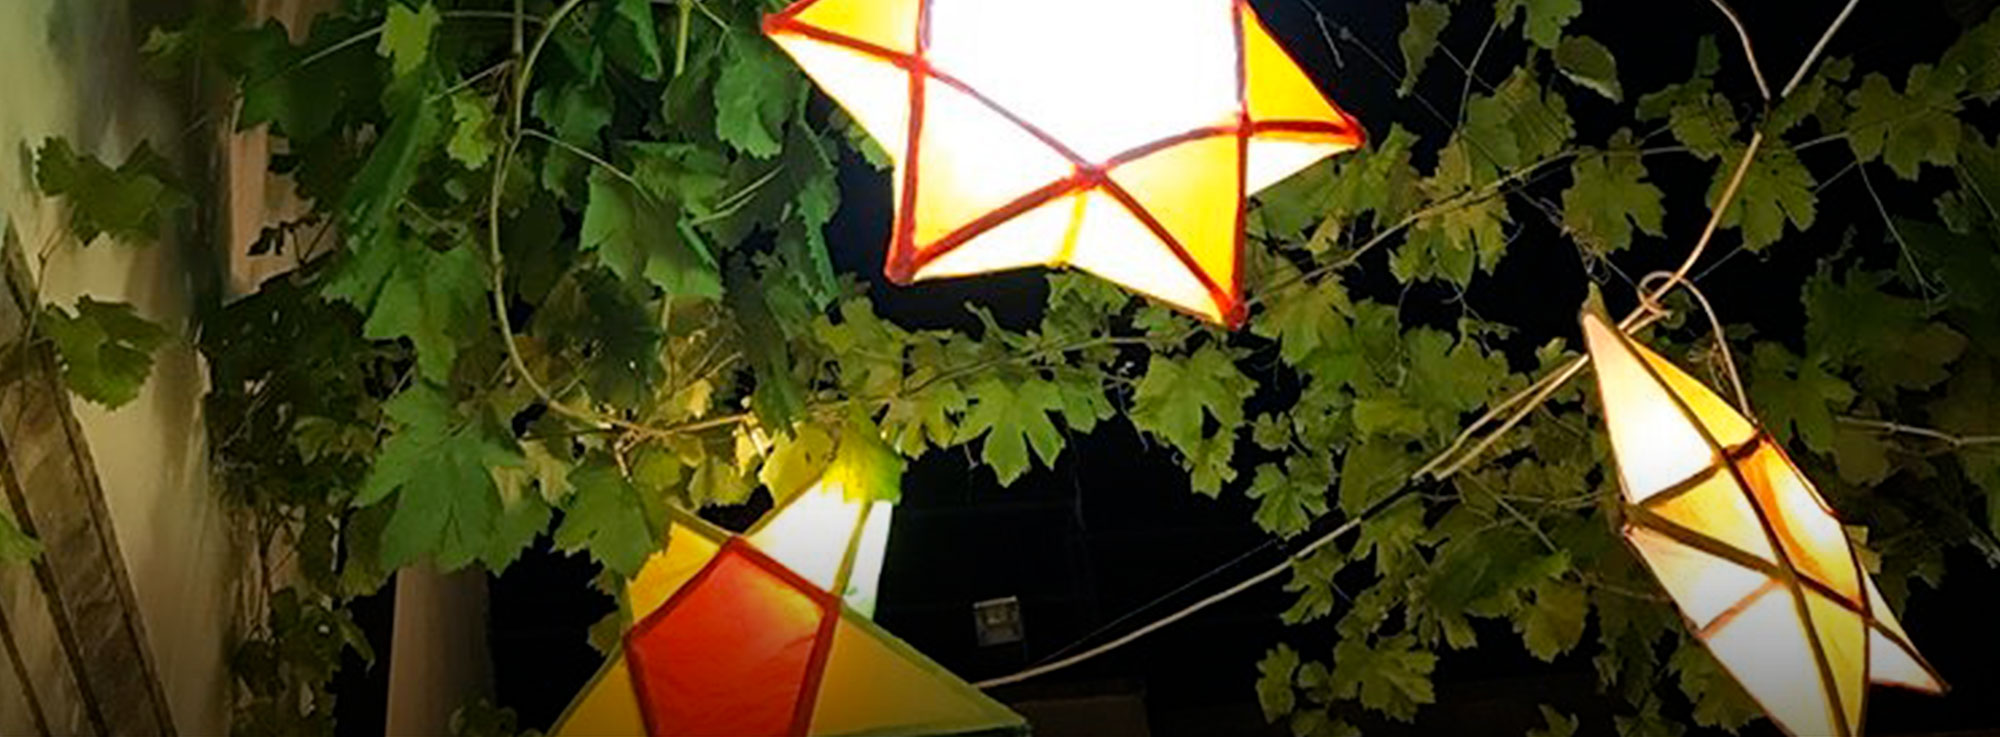 Calimera: Festa dei Lampioni e de lu Cuturusciu